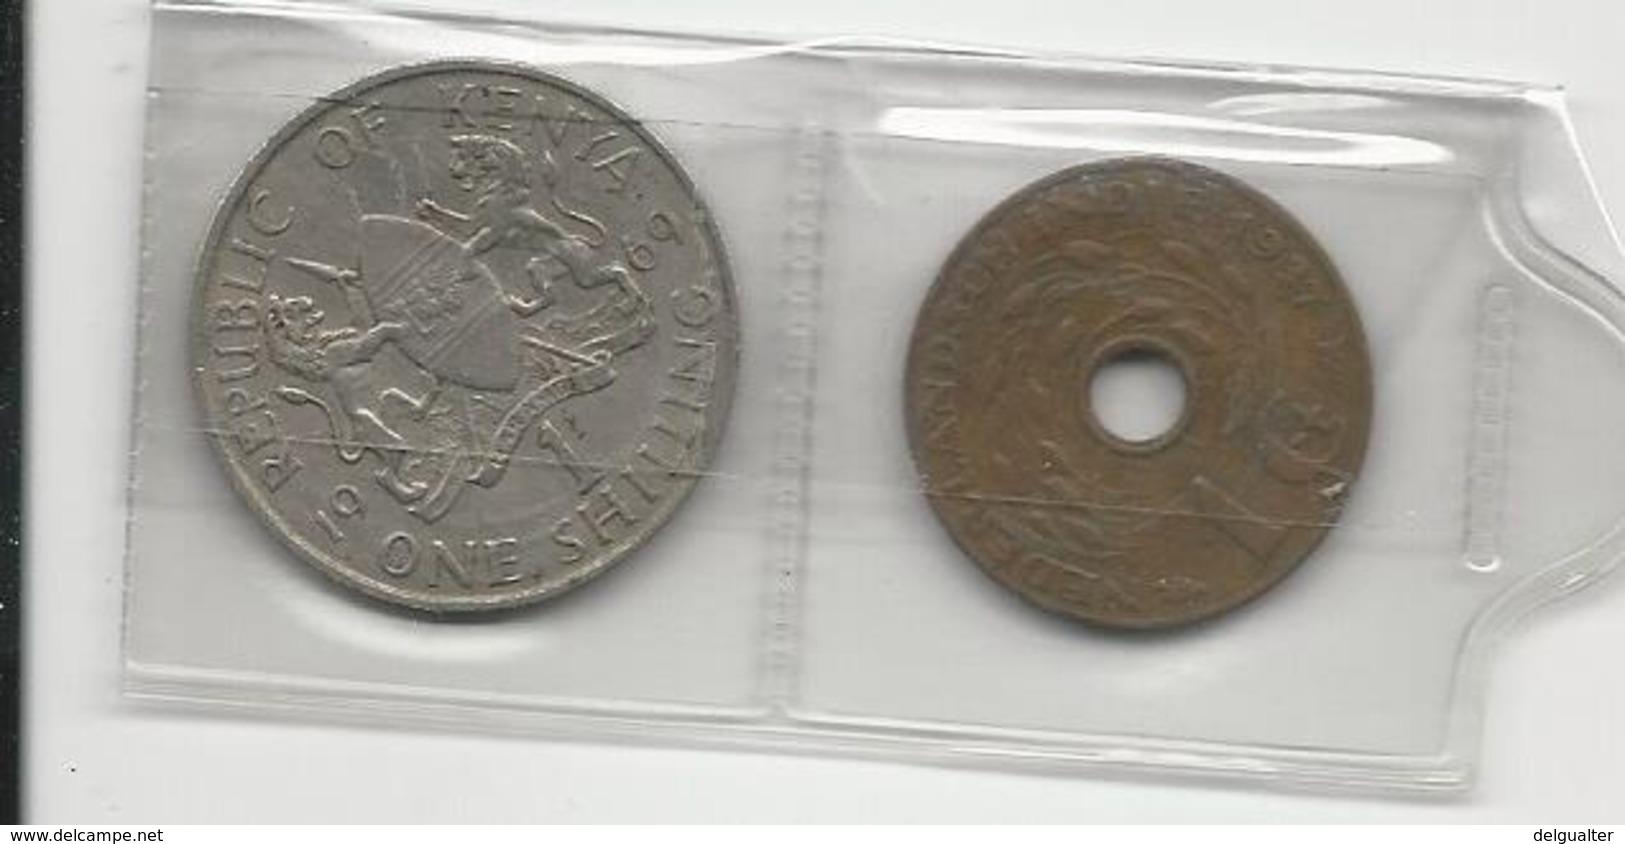 2 Coins - Munten & Bankbiljetten